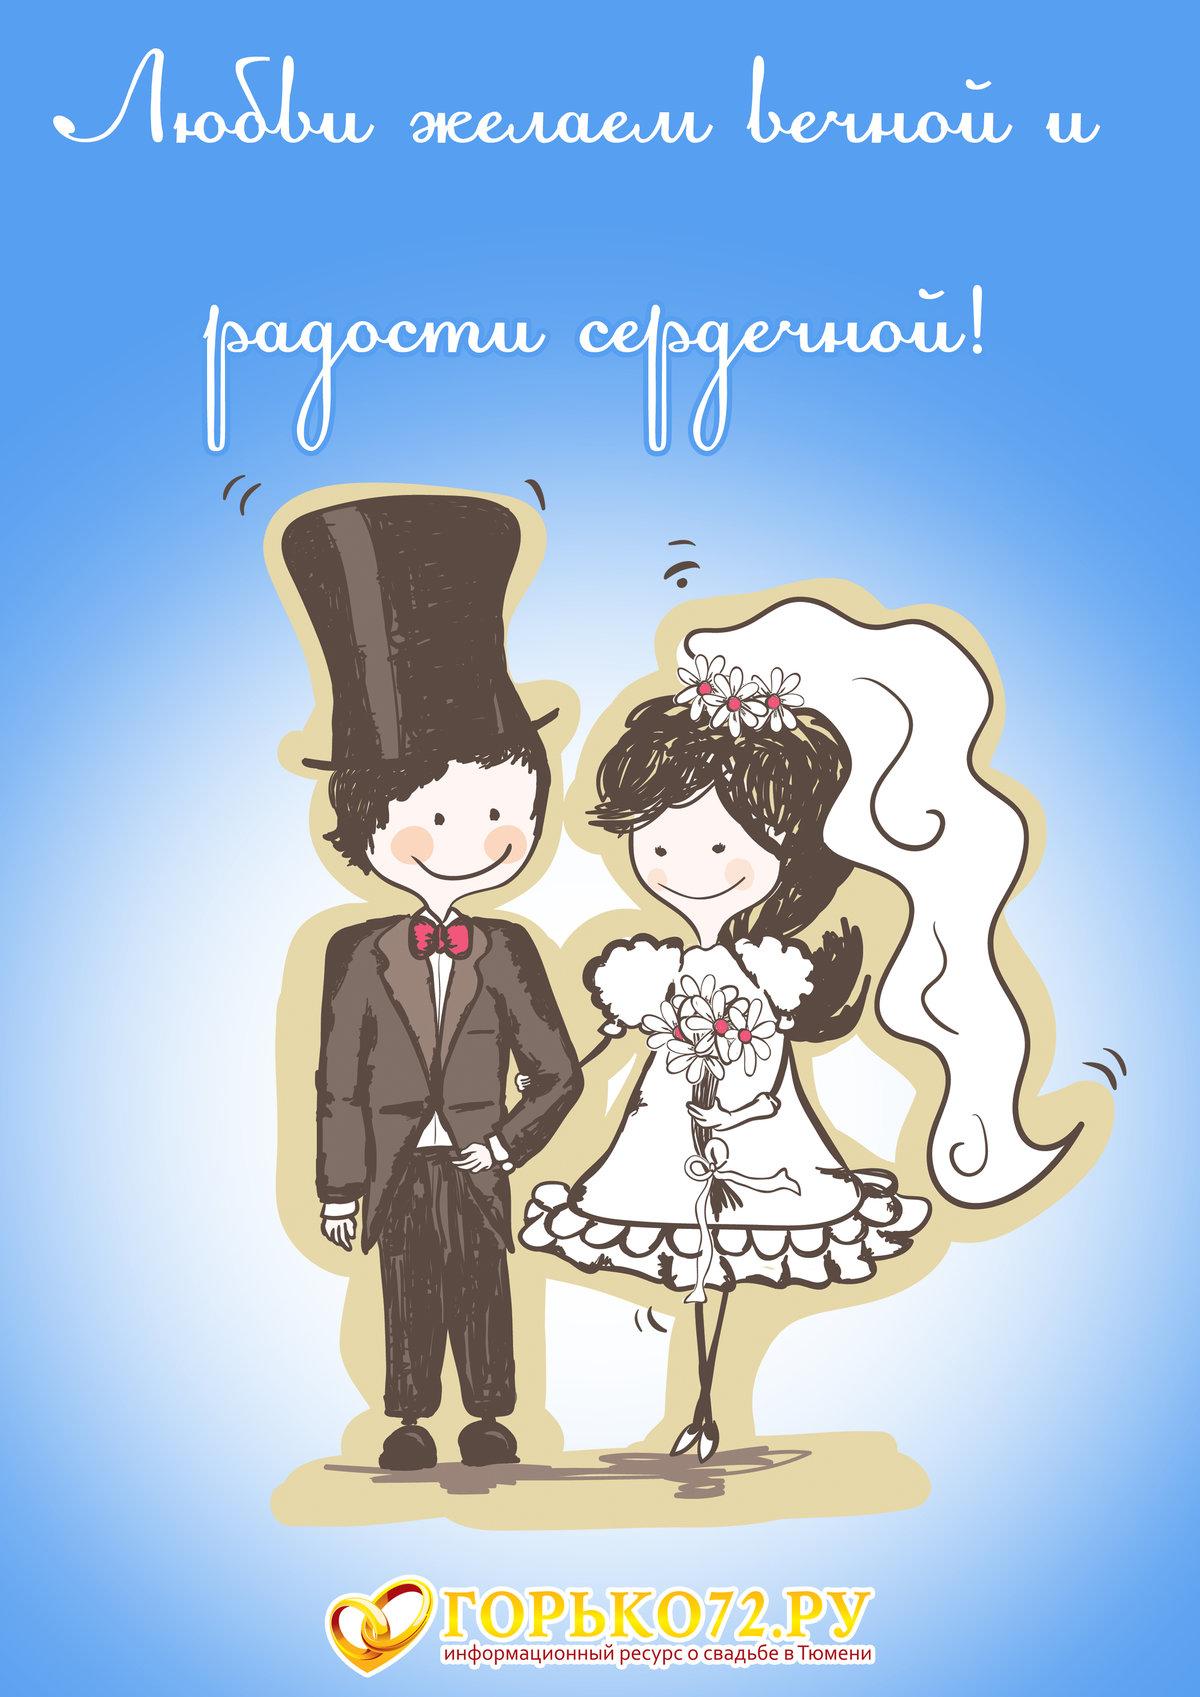 Поздравления с юбилеем свадьбы юмор